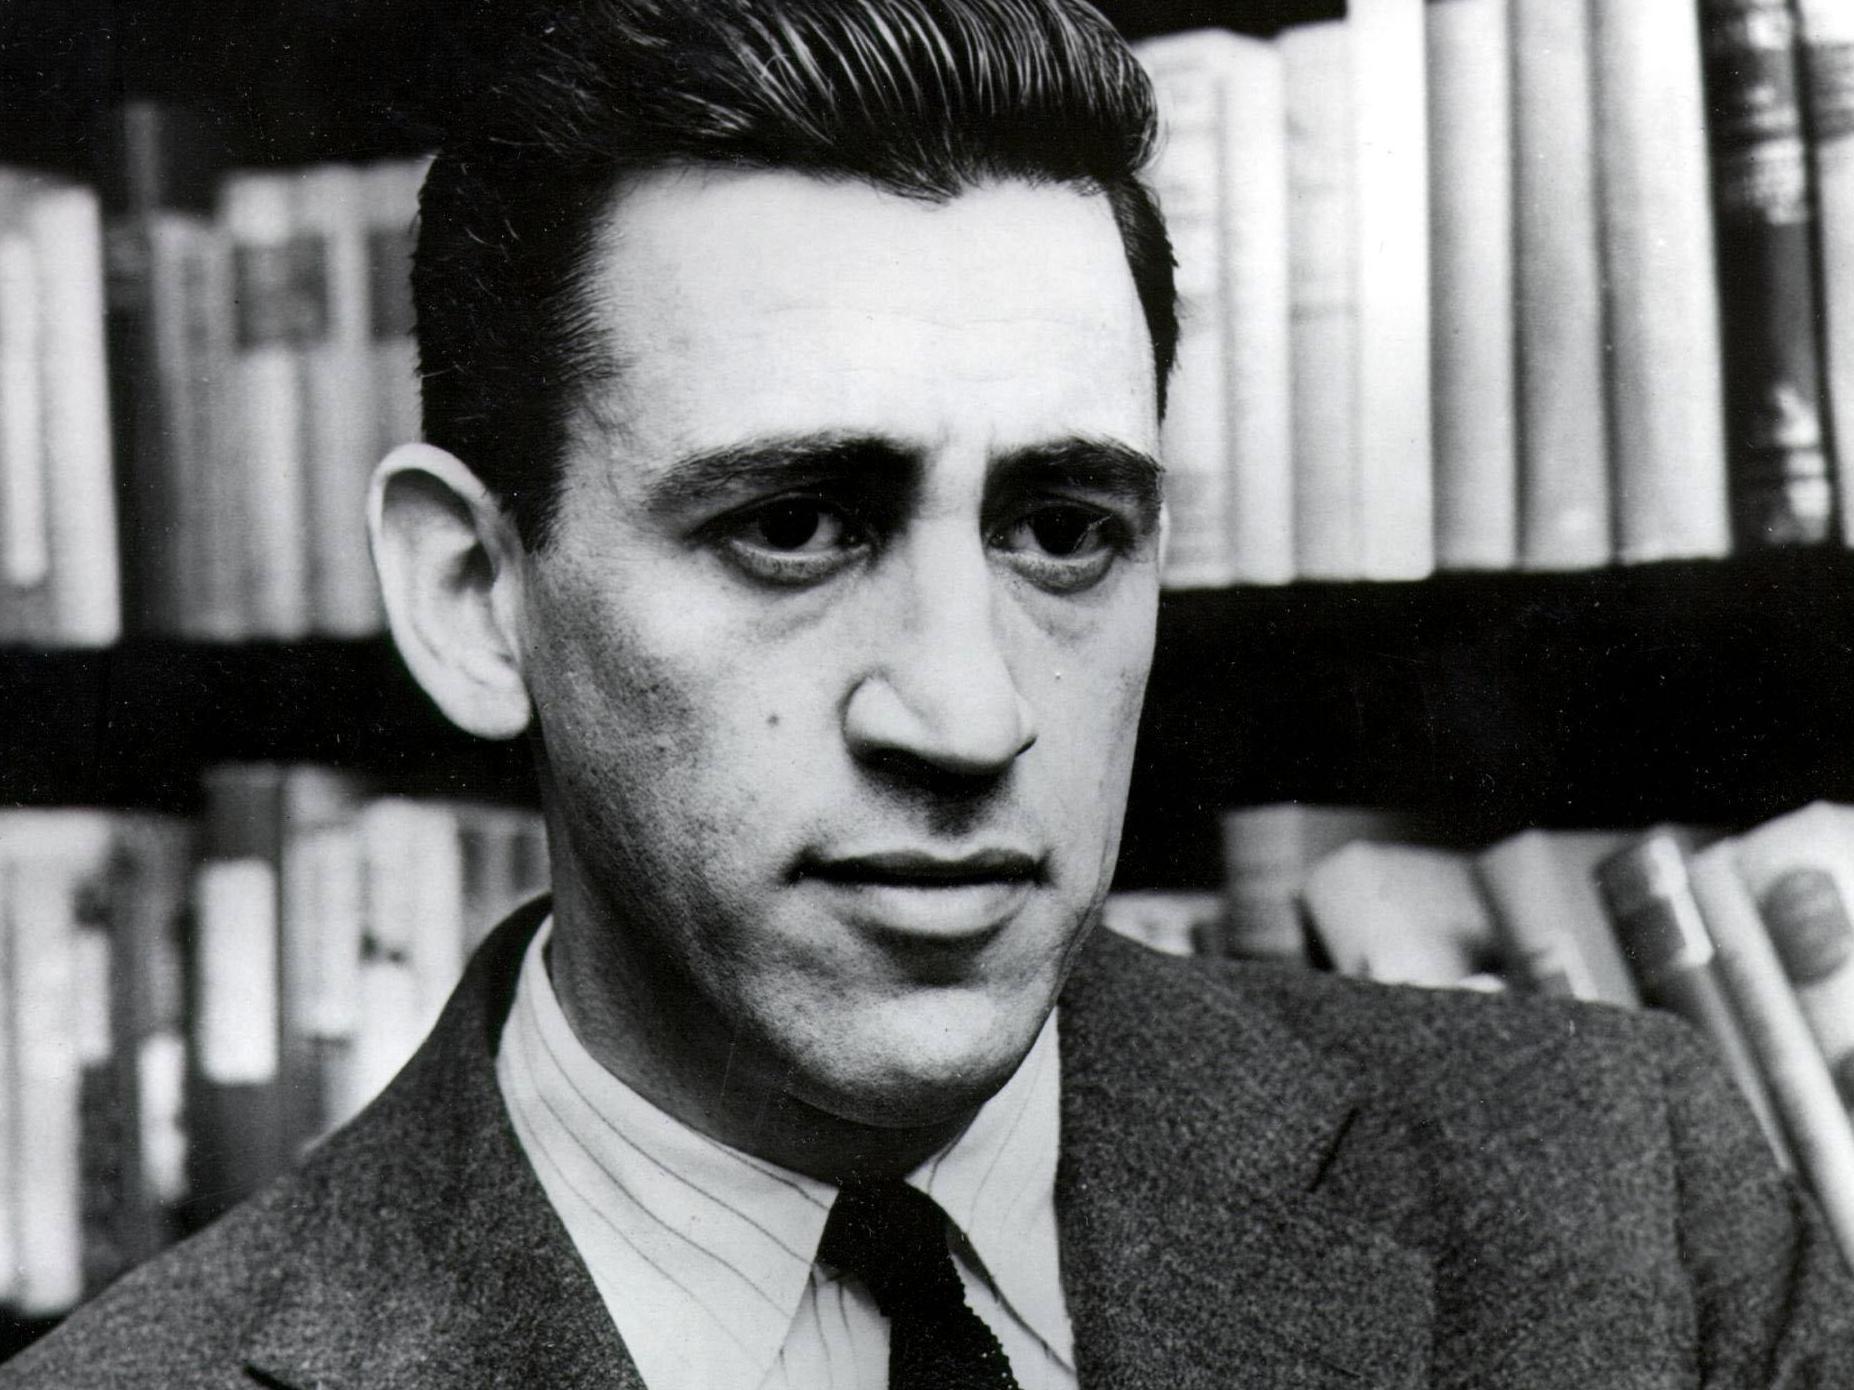 A imagem é uma fotografia em preto e branco do autor J.D. Salinger. Salinger era um homem branco de cabelos curtos lisos, formando um pequeno topete. Ele está vestindo um terno com uma camisa e gravata. Atrás dele, é possível ver uma estante de livros.